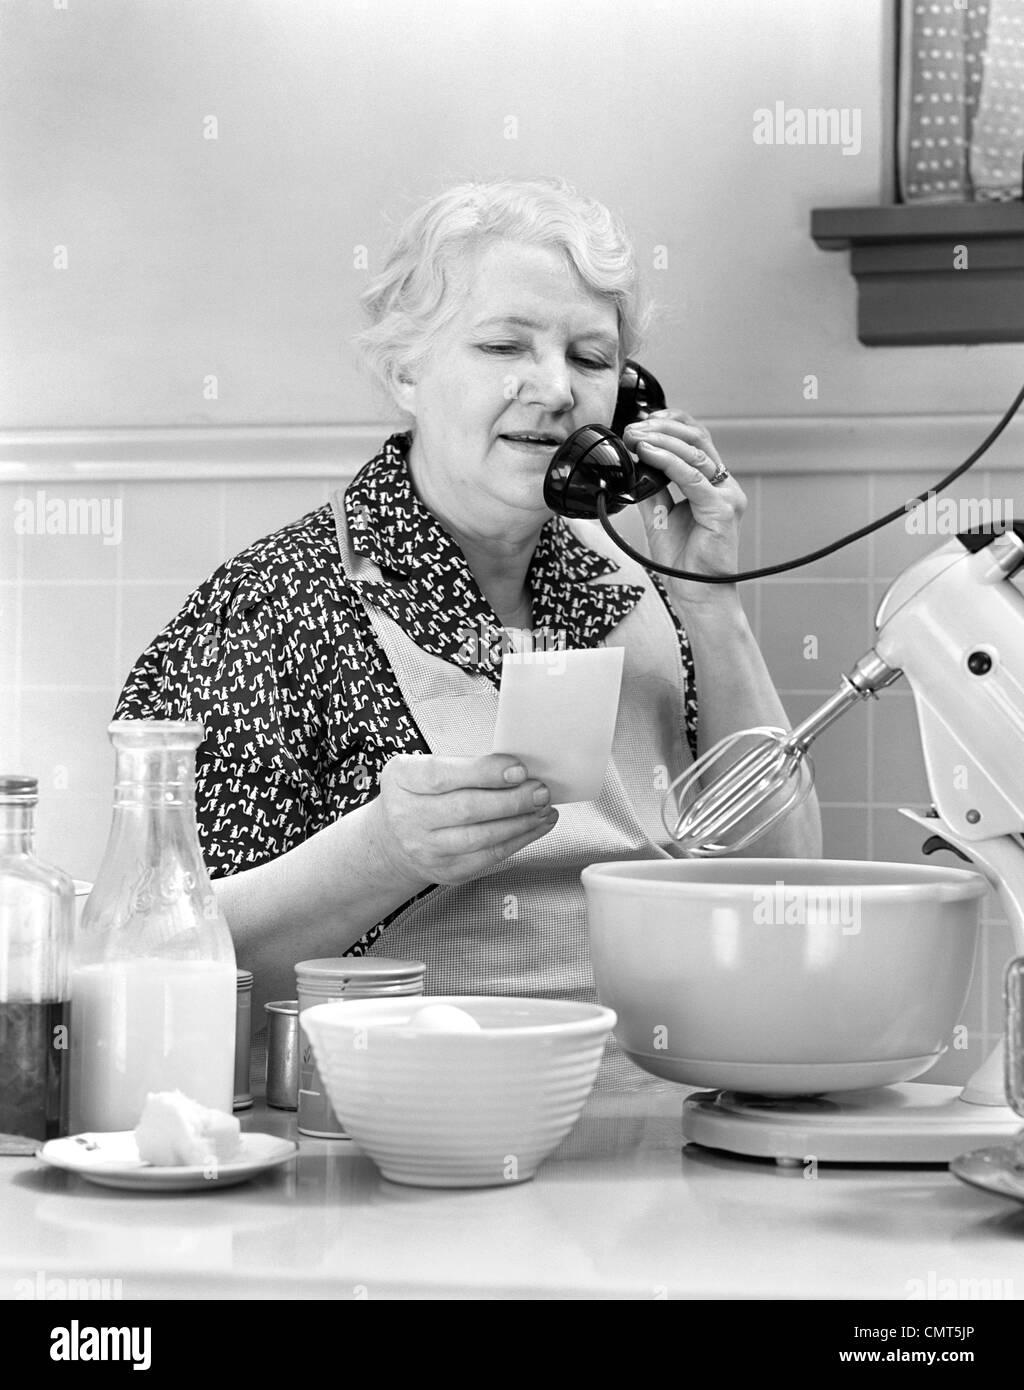 1940 la mujer ama de casa abuela cocinar en la cocina for Cocinar con 5 soles